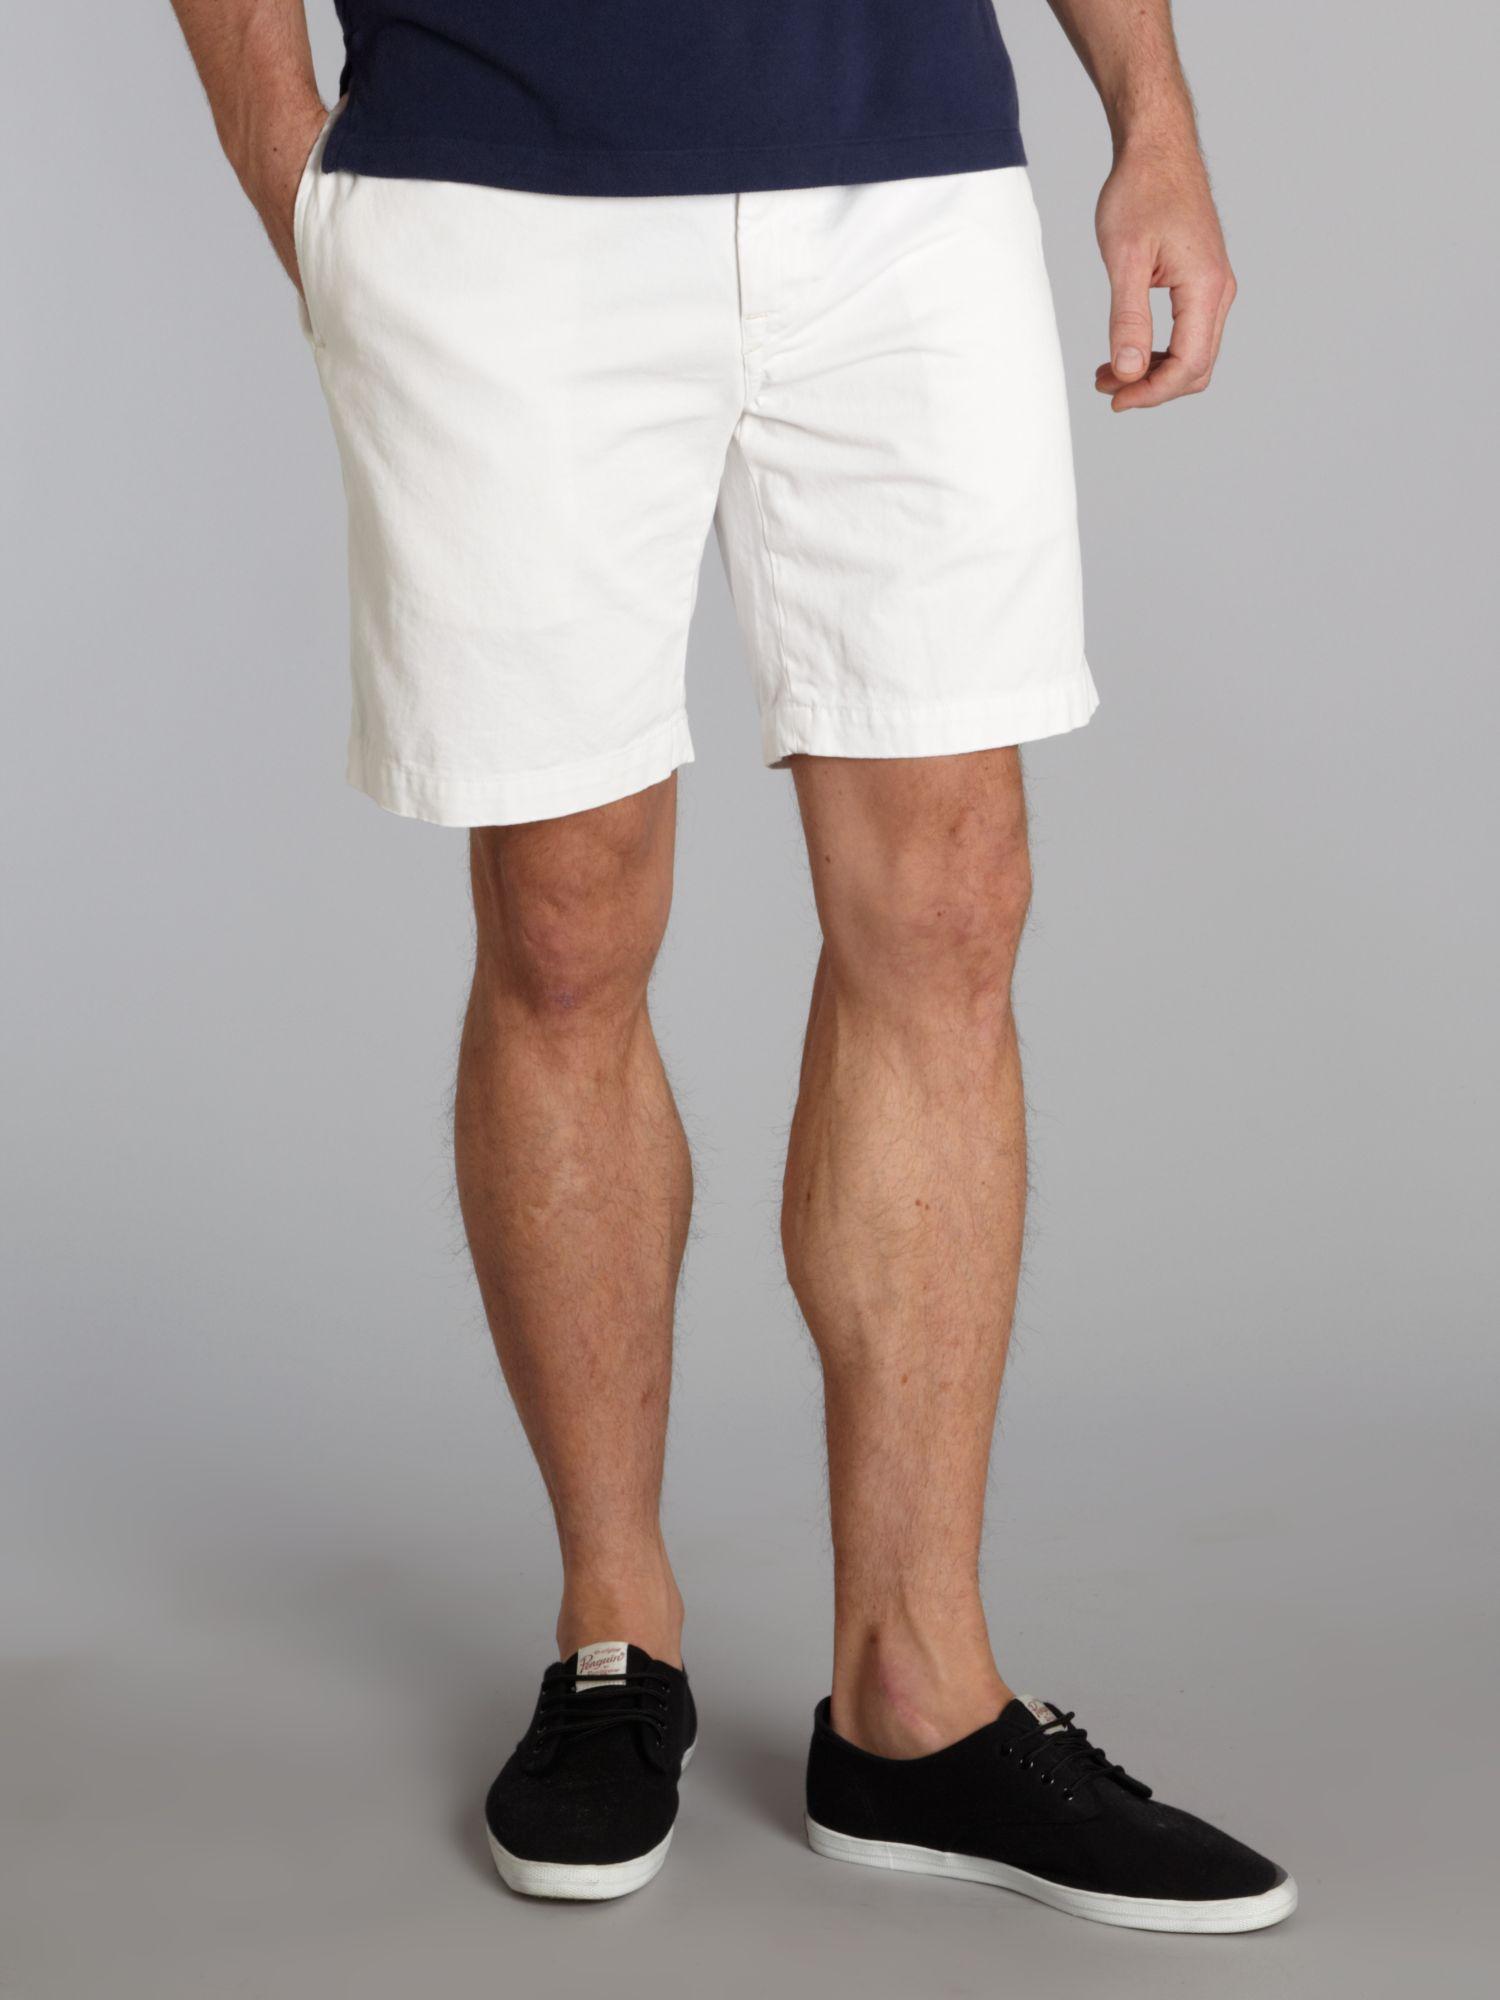 Tommy Hilfiger Jeans For Men